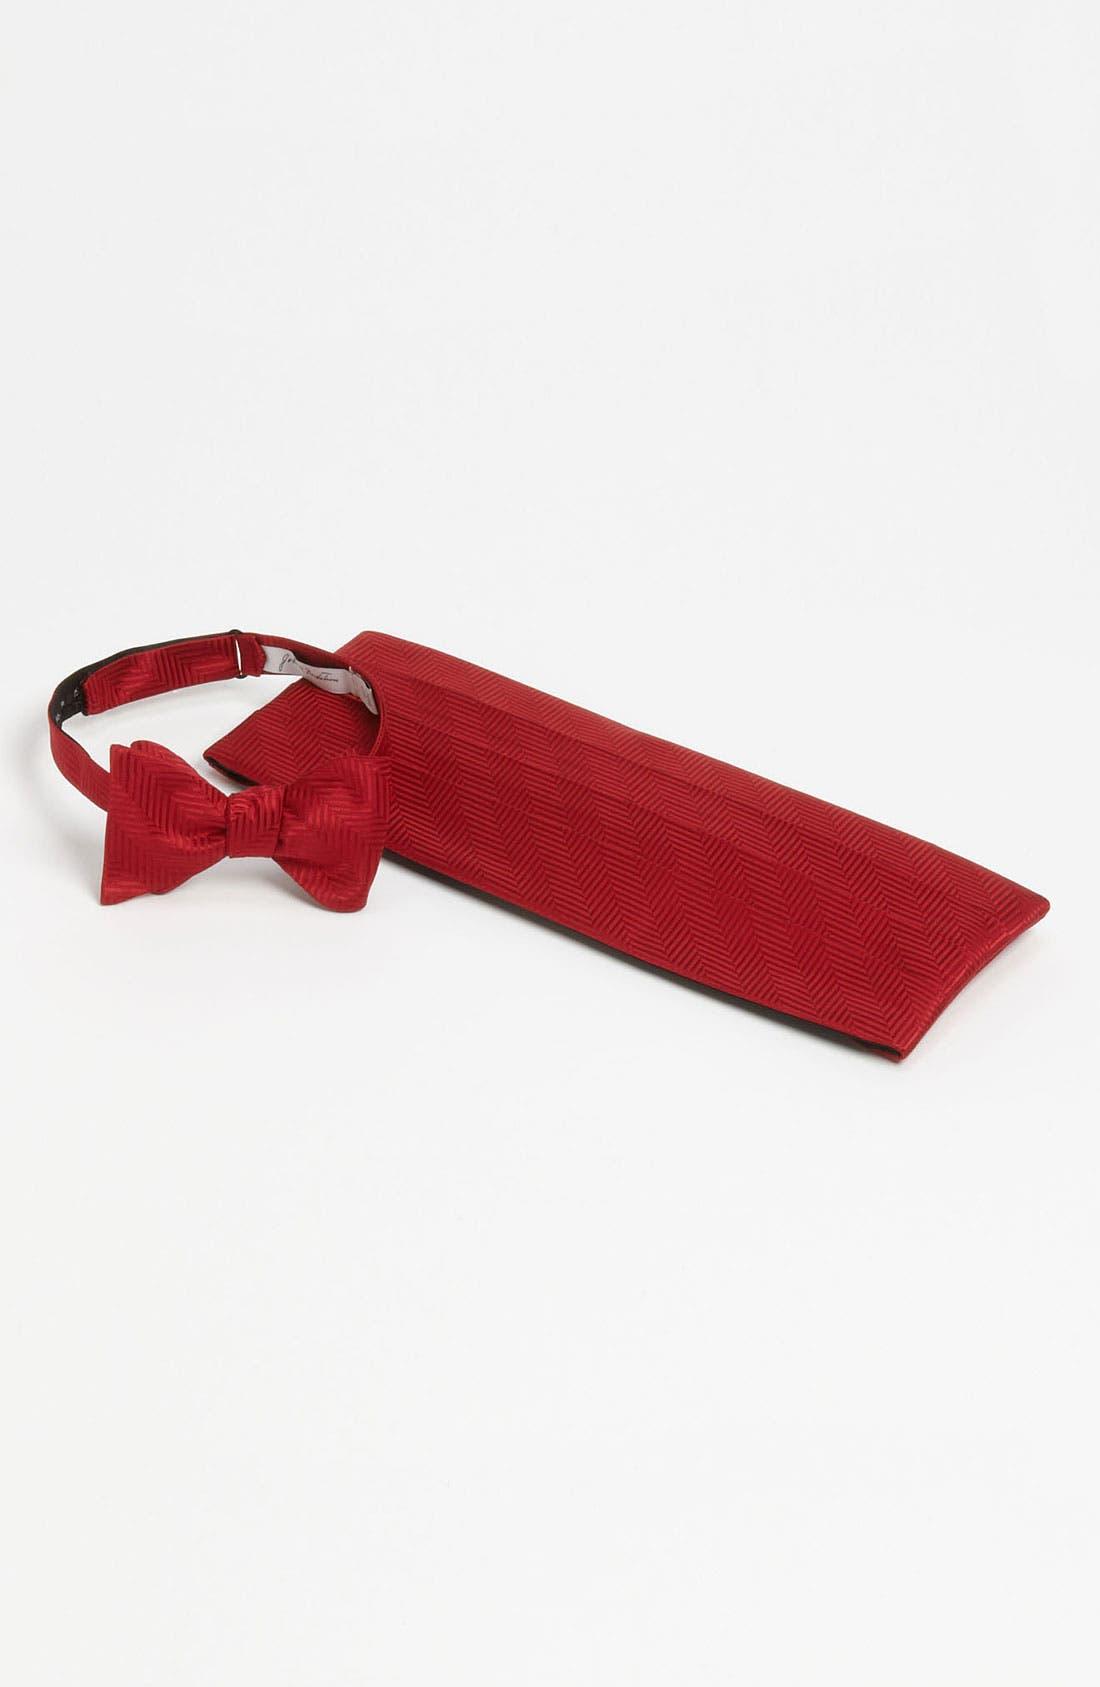 Main Image - John W. Nordstrom® Cummerbund & Bow Tie